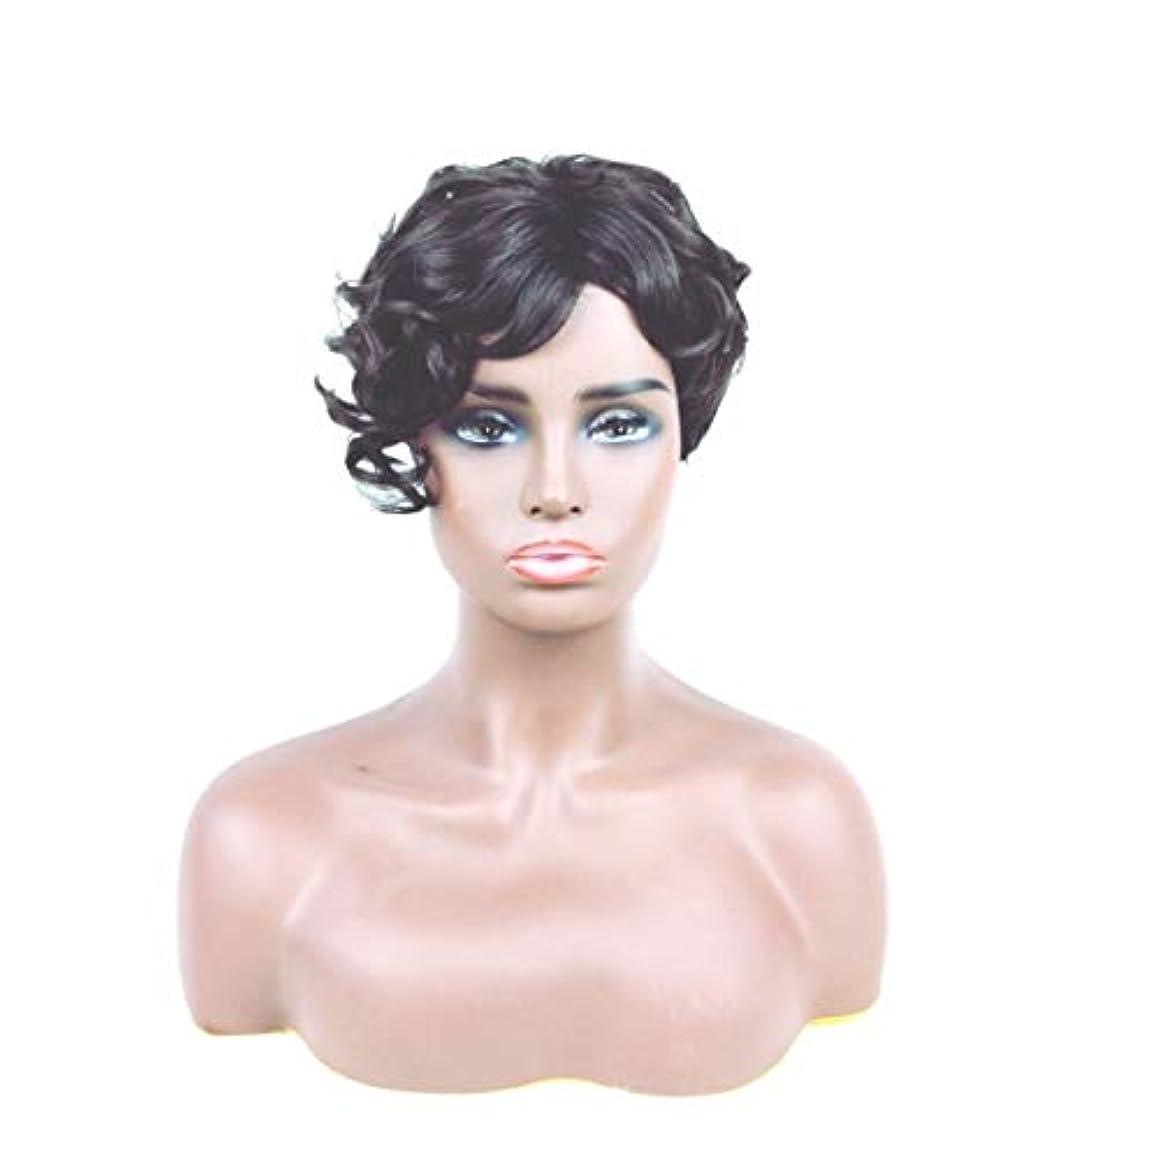 気性退屈タッチSummerys ショートカーリーヘアウィッグ人工毛フルウィッグ自然に見える耐熱性女性用